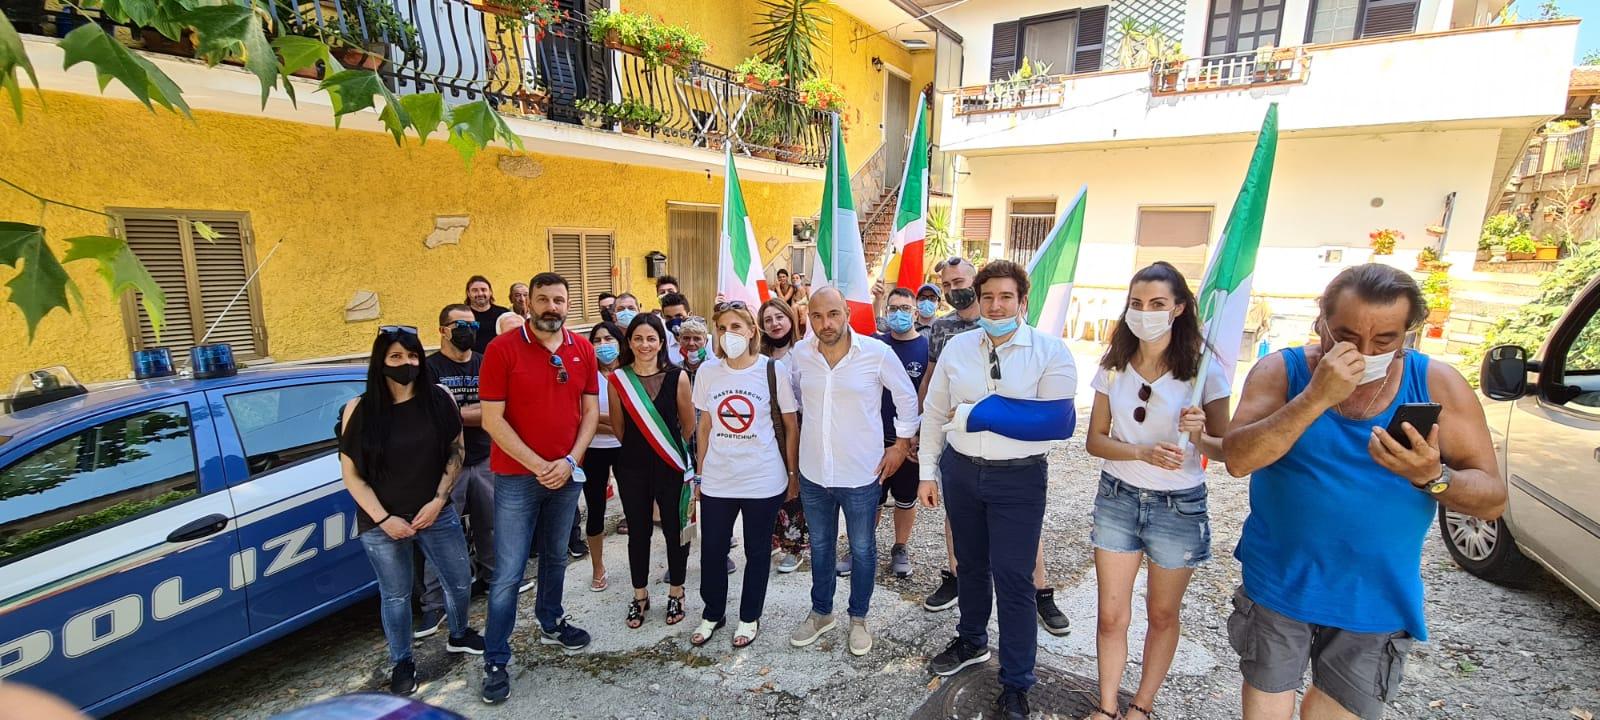 """""""Stop Invasioni"""", la Lega mette in scena una protesta per i 20 migranti nordafricani assegnati alla Marsica"""